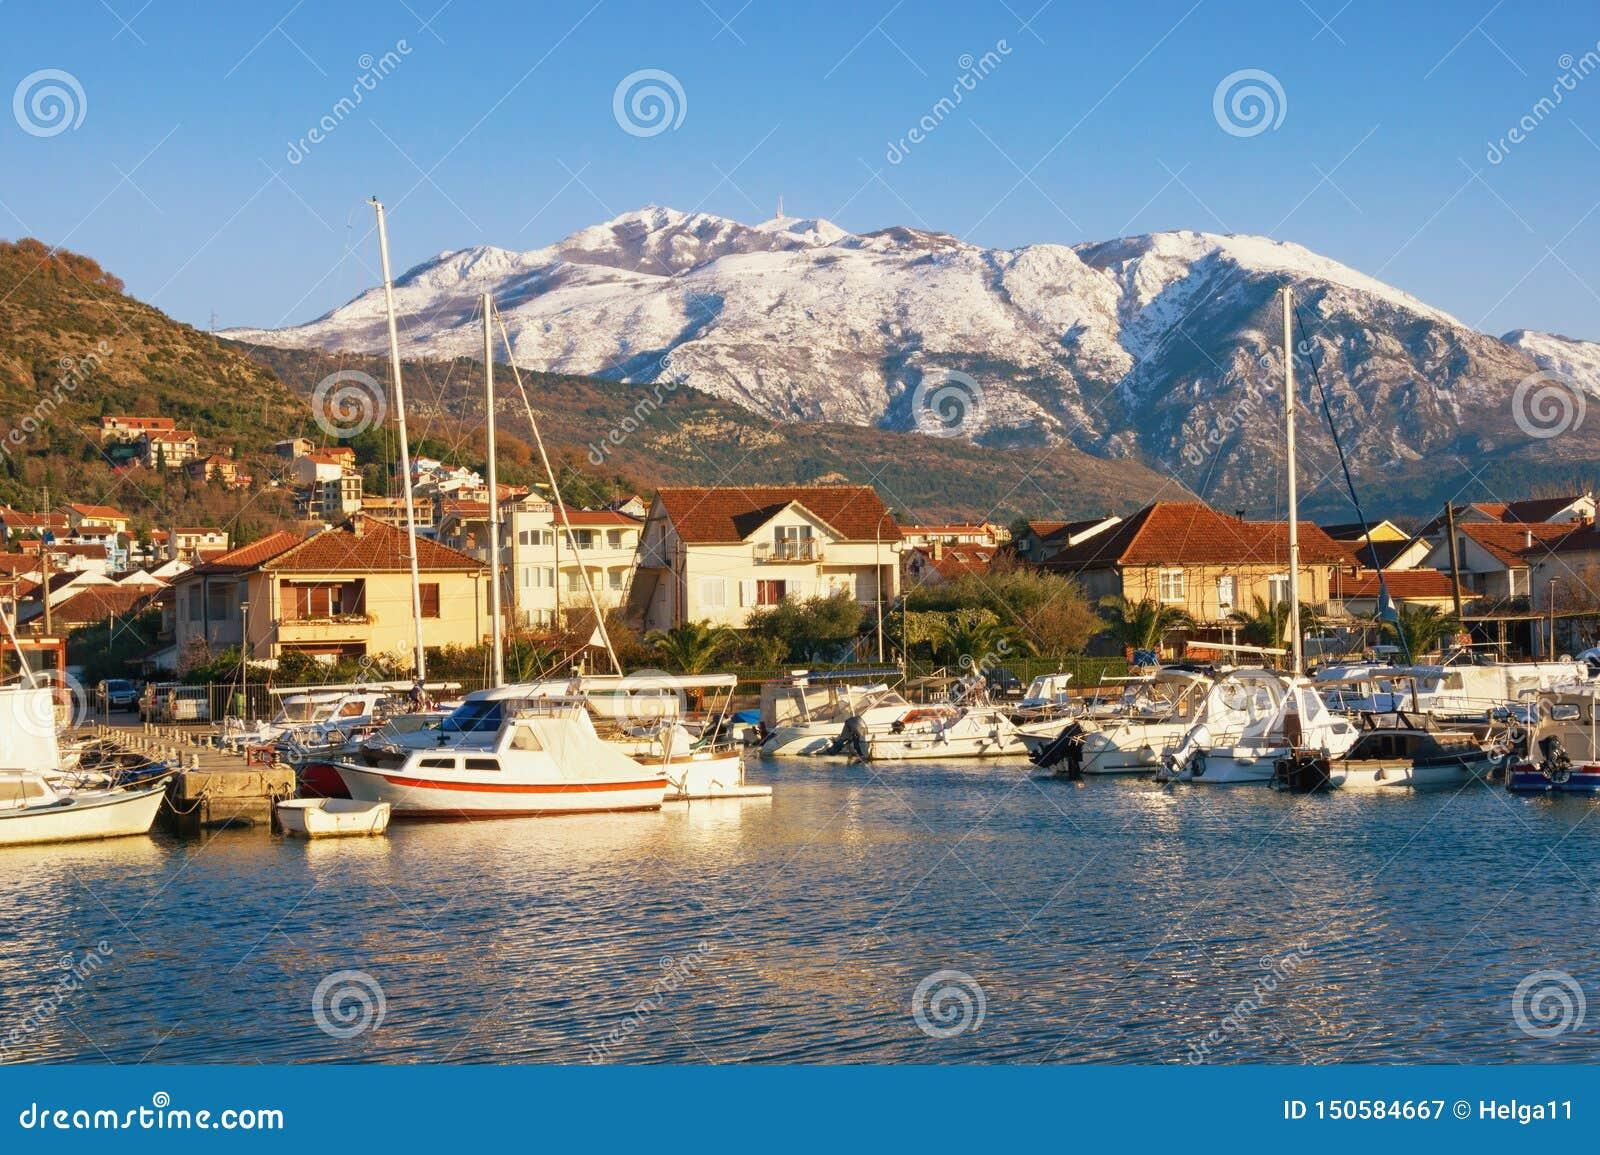 Όμορφο μεσογειακό τοπίο την ηλιόλουστη χειμερινή ημέρα Αλιευτικά σκάφη στο λιμάνι στο πόδι των χιονωδών βουνών Μαυροβούνιο, Tivat